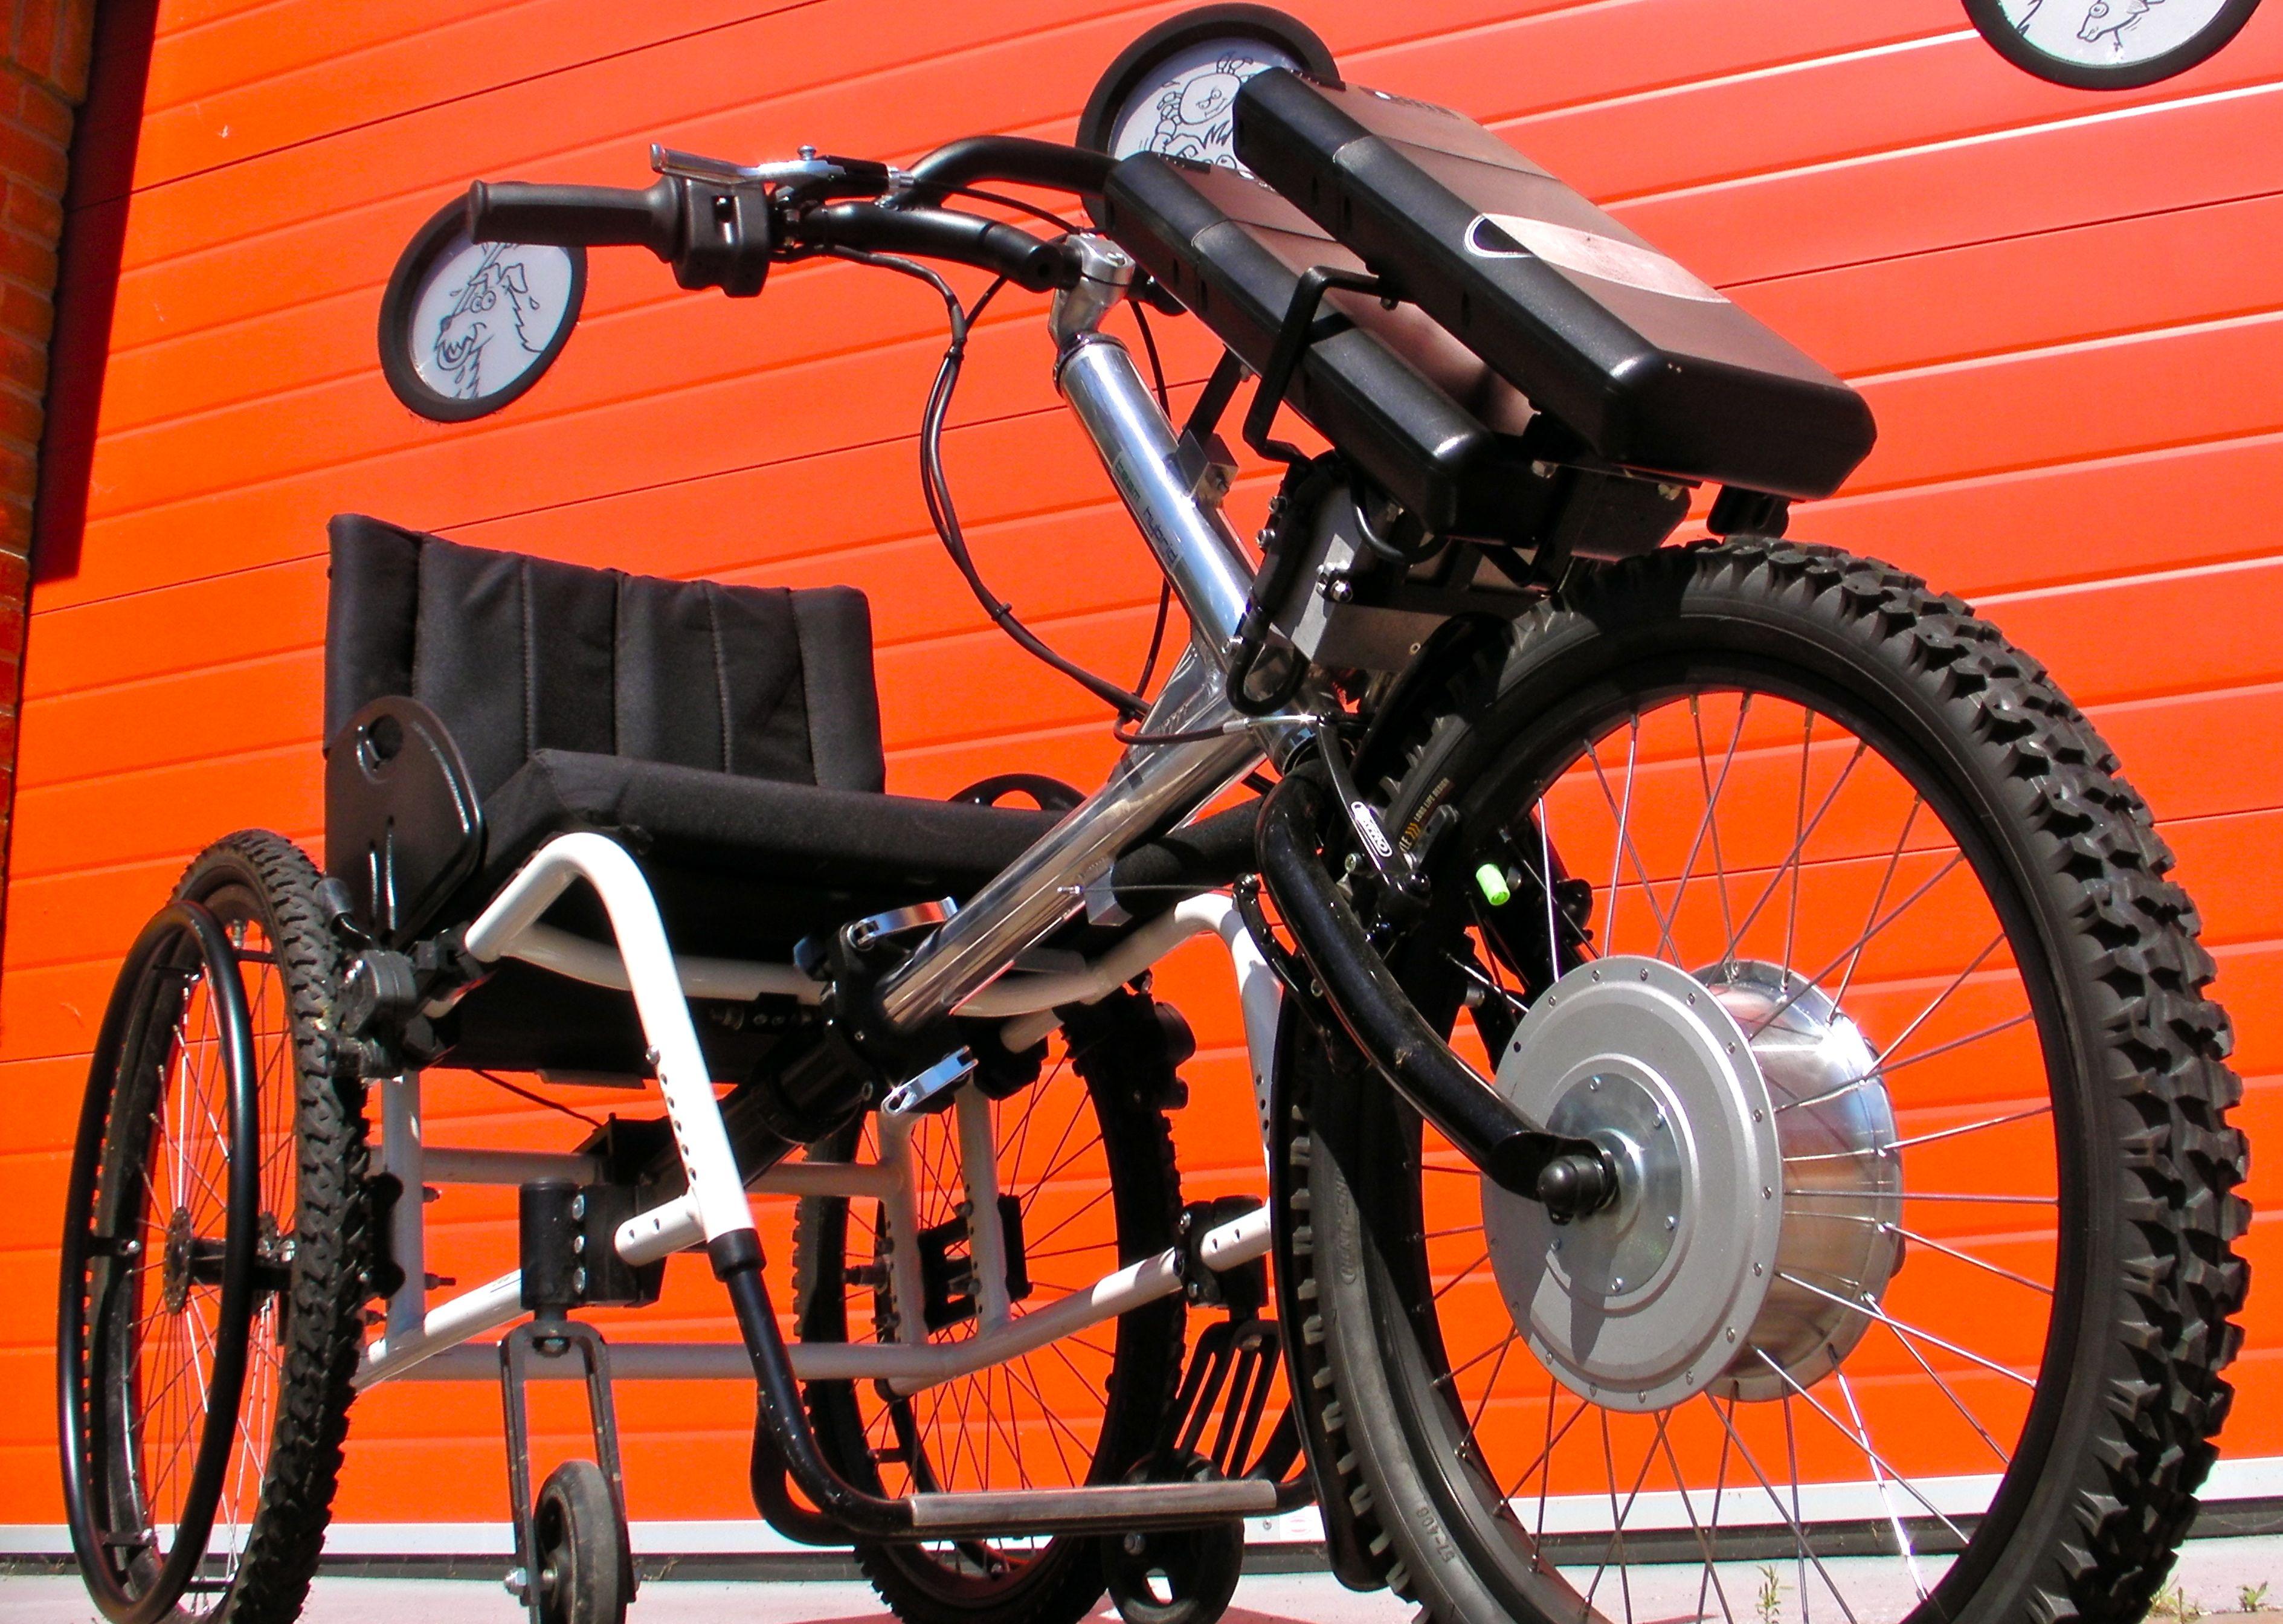 Viper Power Cycle (Elektrische aankoppelfiets, Electric attachable ...